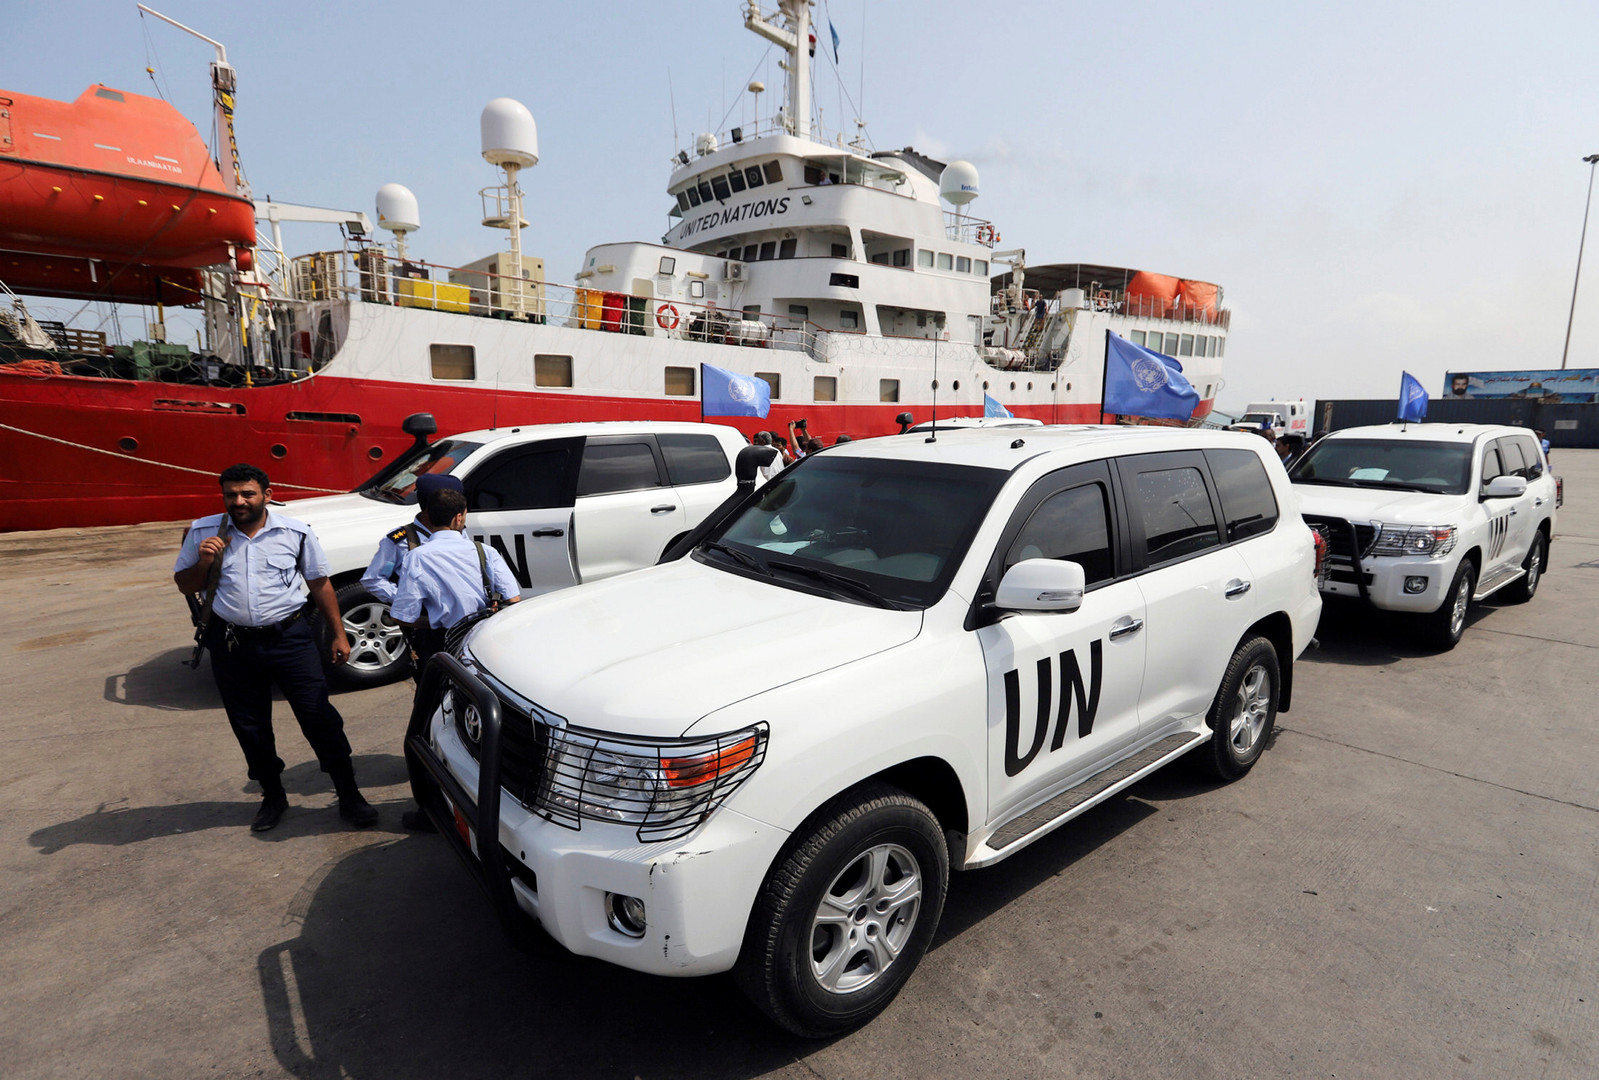 سيارات تابعة للفريق الأممي في ميناء الحديدة في طريقها إلى ميناء الصليف